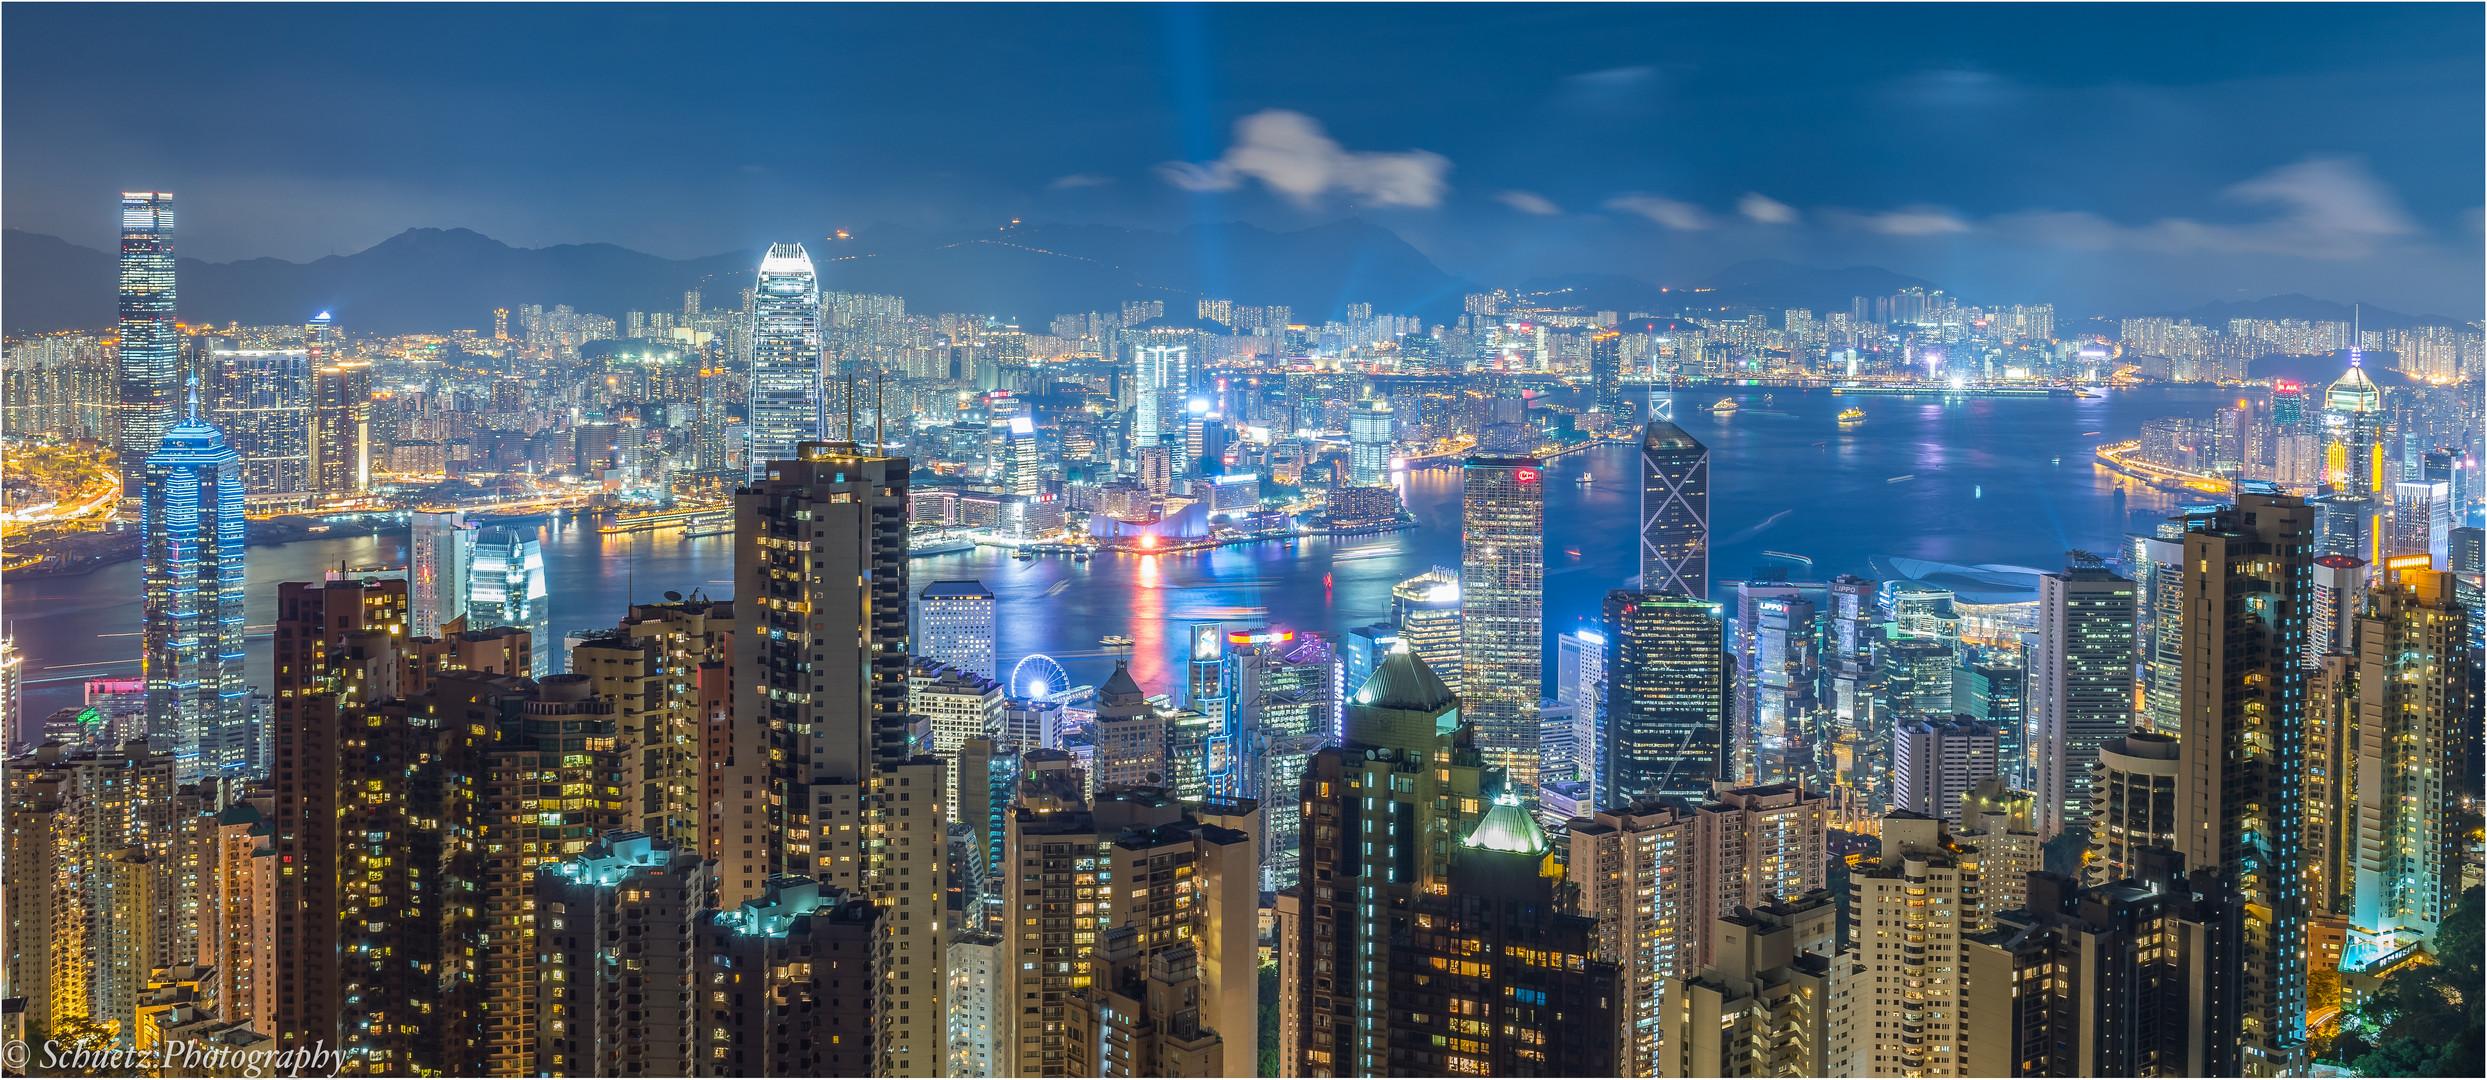 Sea of skyscraper